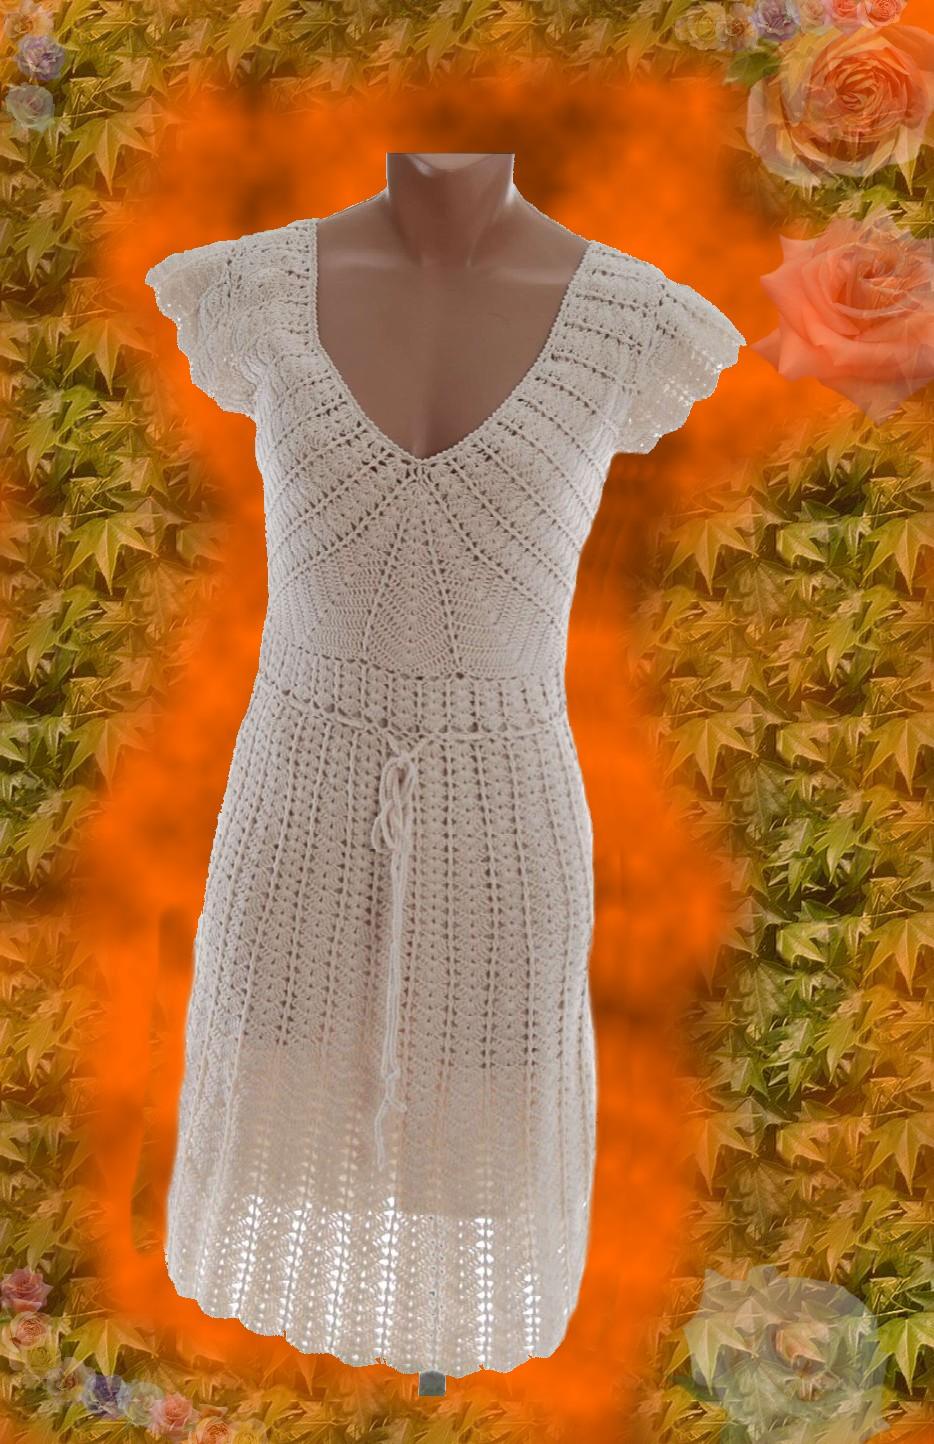 c5cab8c1f332 Luxusní háčkované šaty NÁVOD   Zboží prodejce zskncl